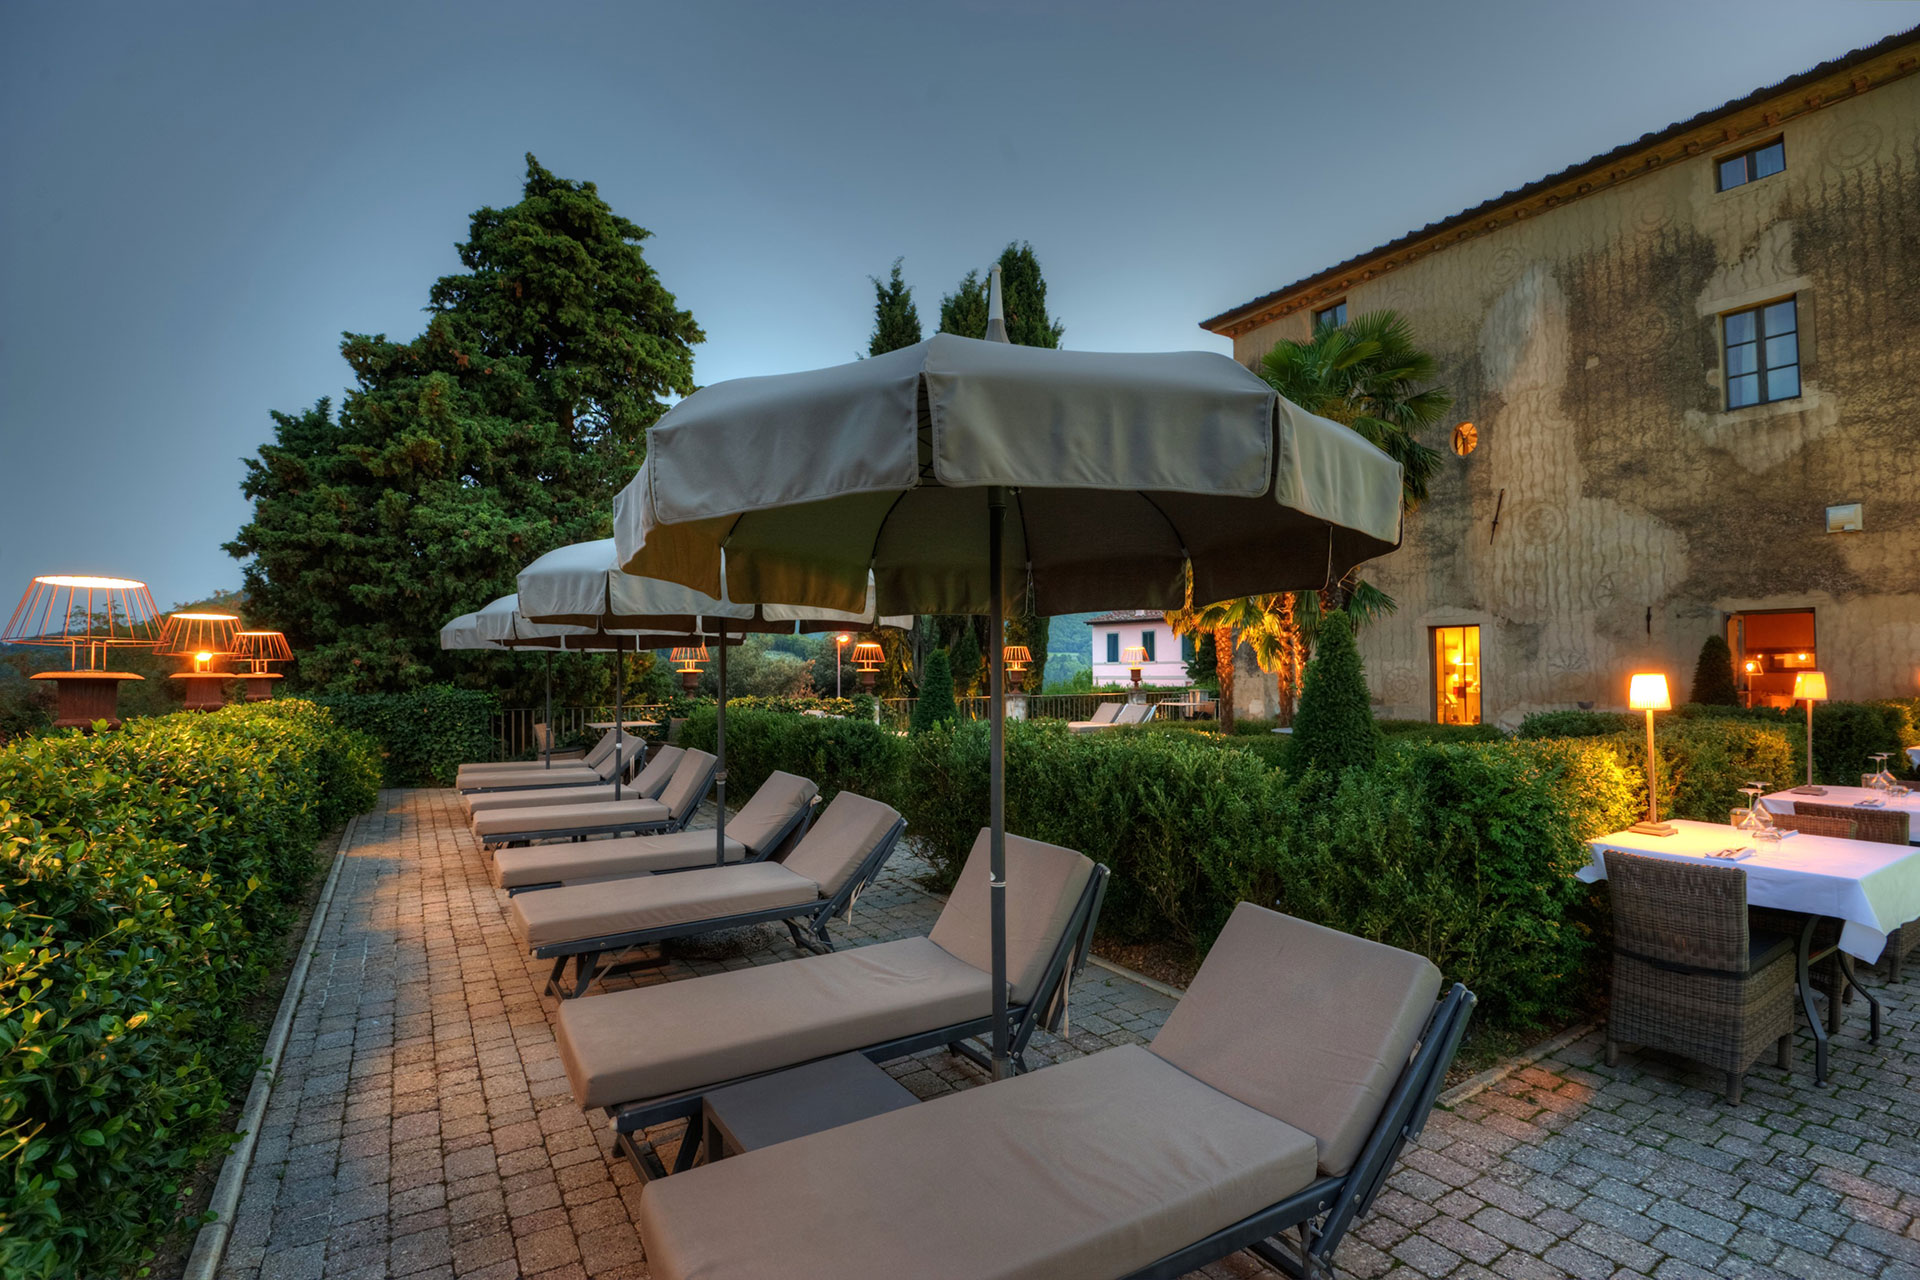 villa sassolini villa relais in chianti tuscany